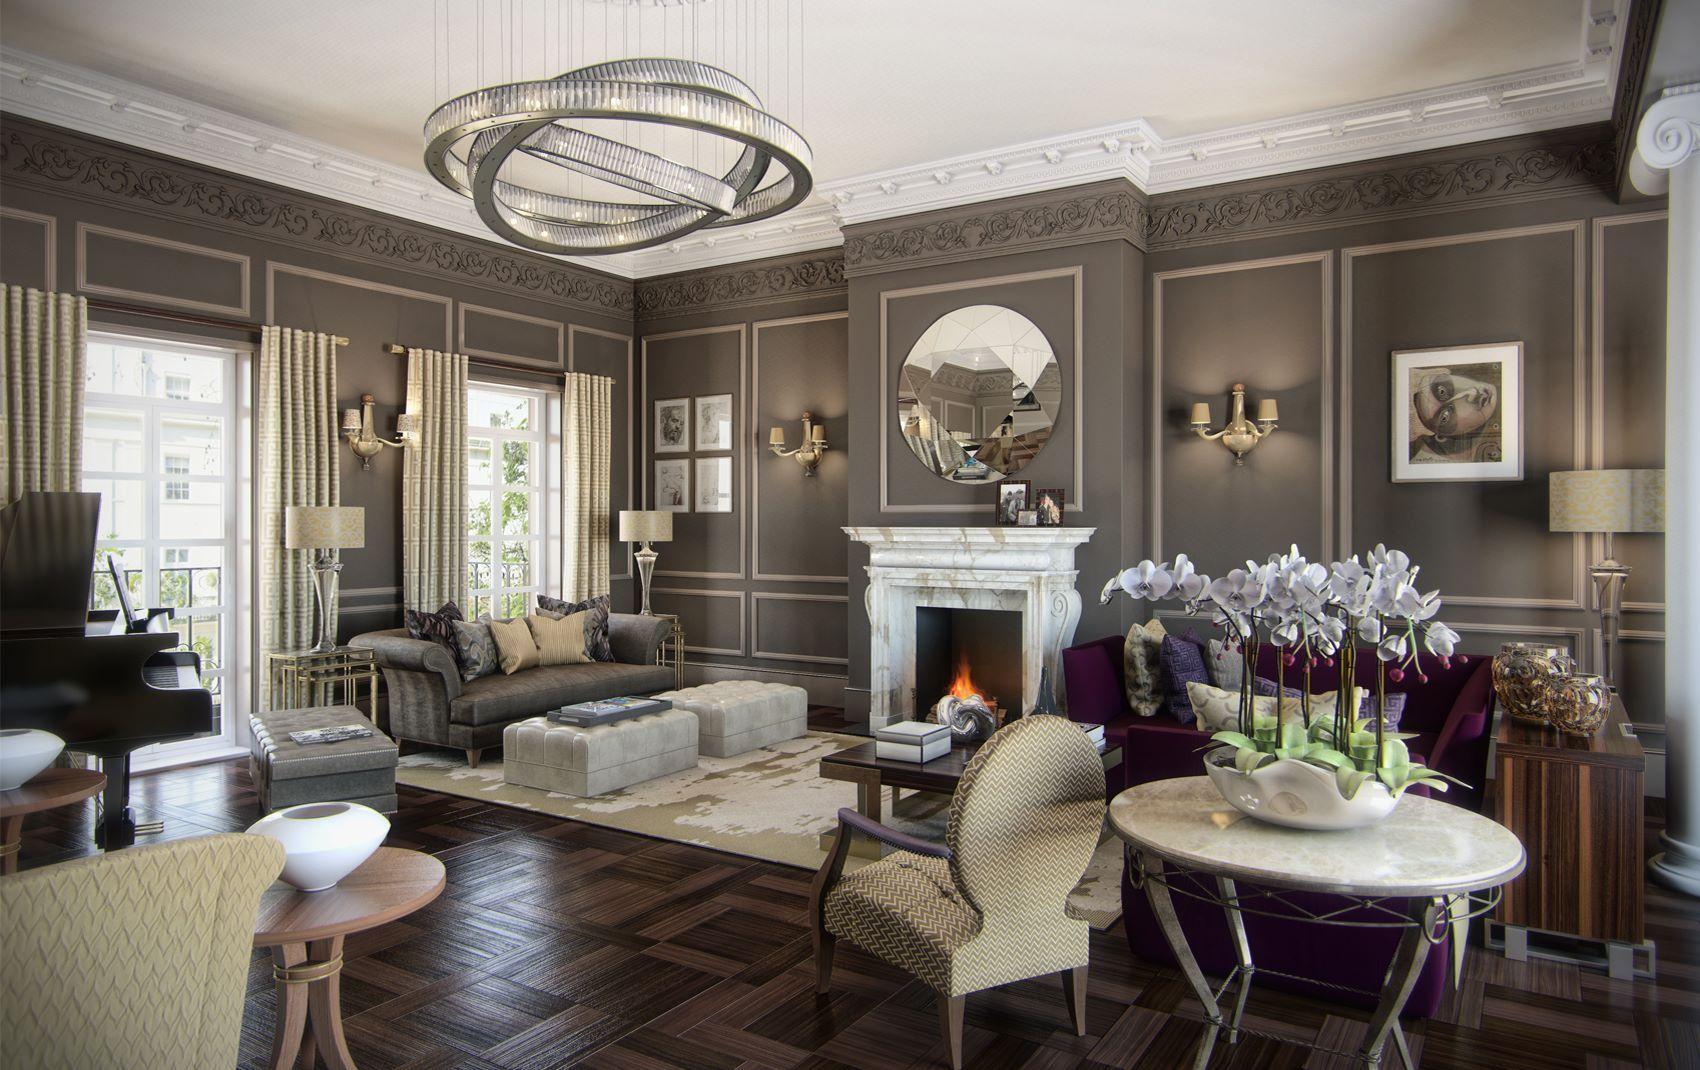 Exclusive interior design for home - Ren Dekker Design London High End Luxury Exclusive Interior Design By Ren Dekker